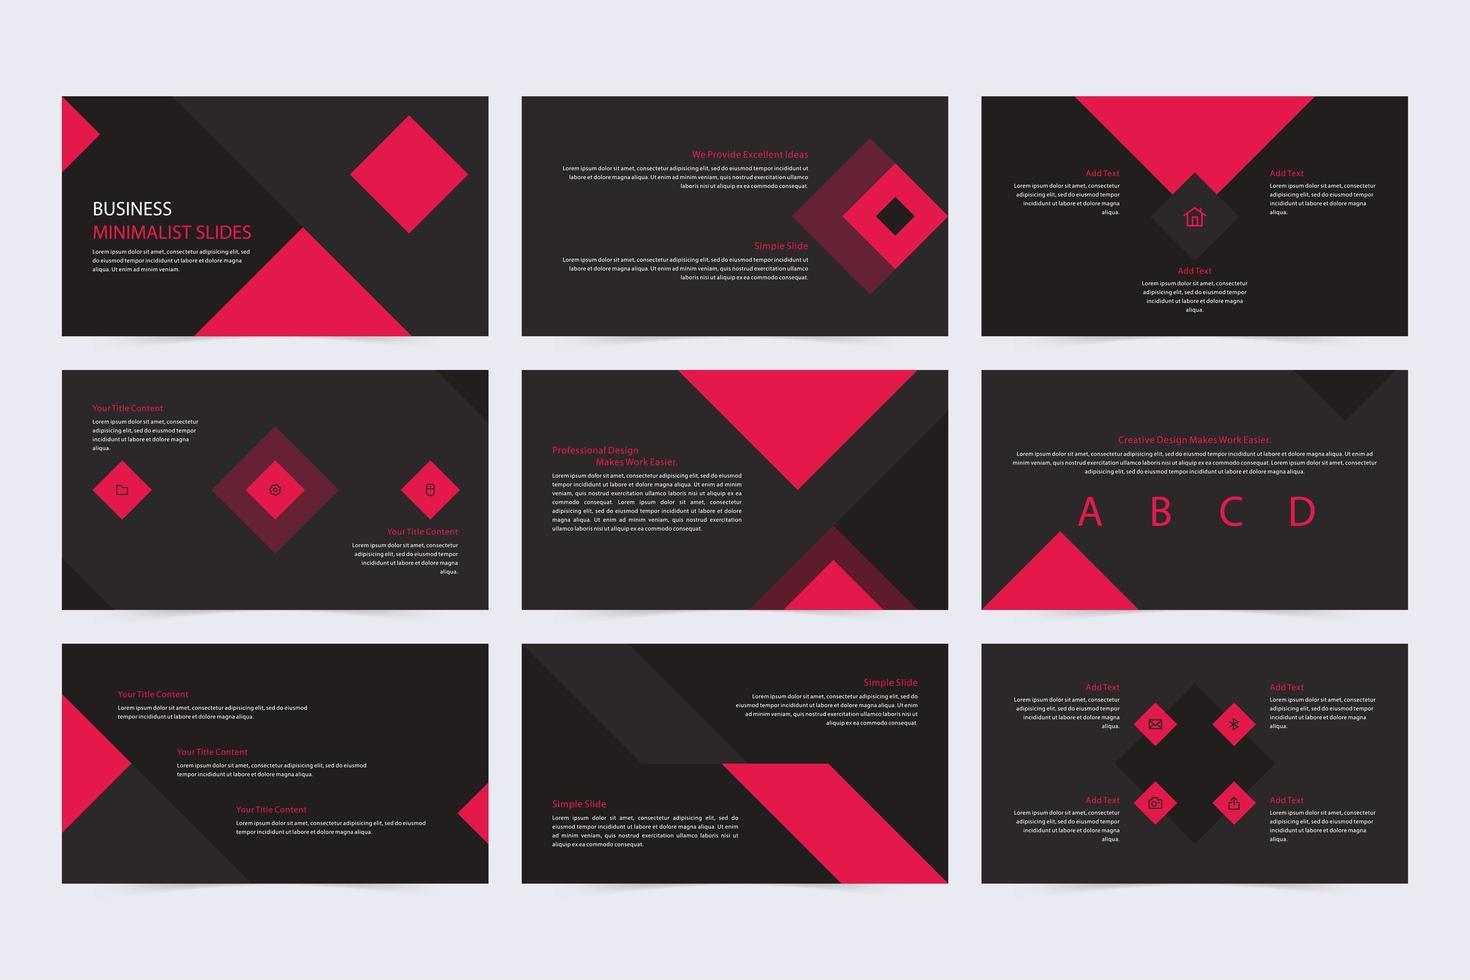 presentación de diapositivas promocional minimalista en negro y rojo vector